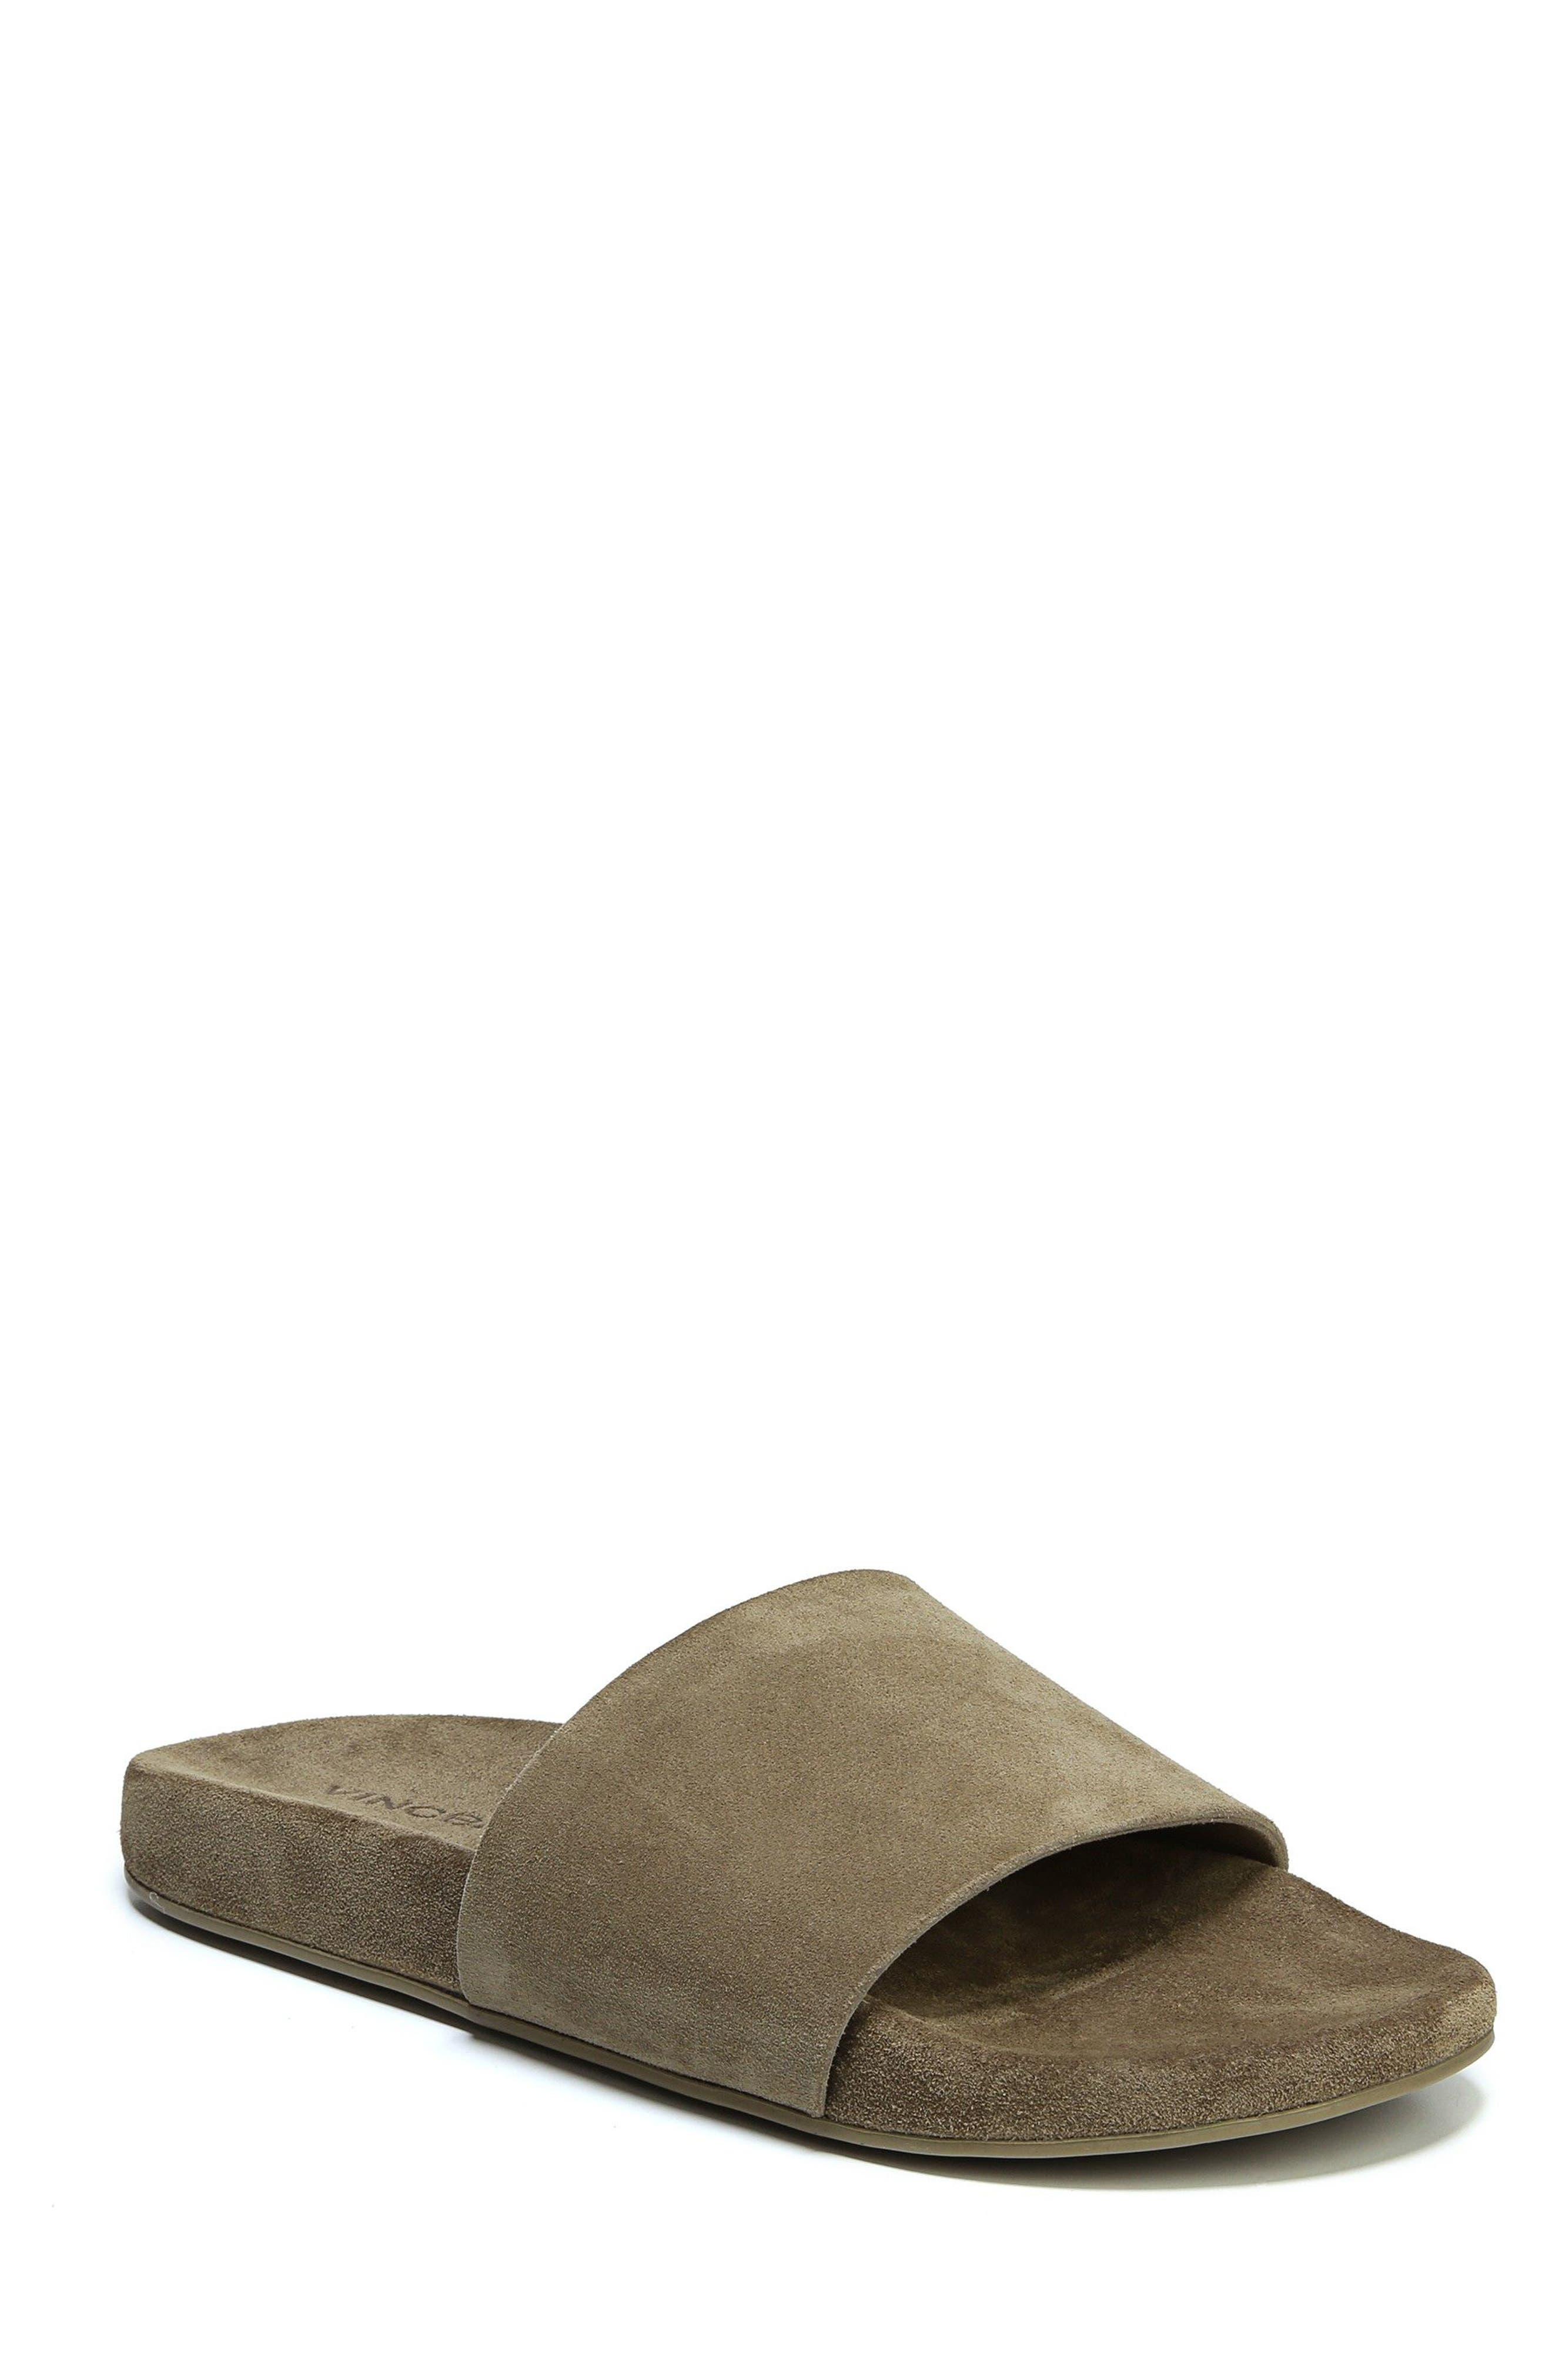 Monaco Slide Sandal,                             Main thumbnail 2, color,